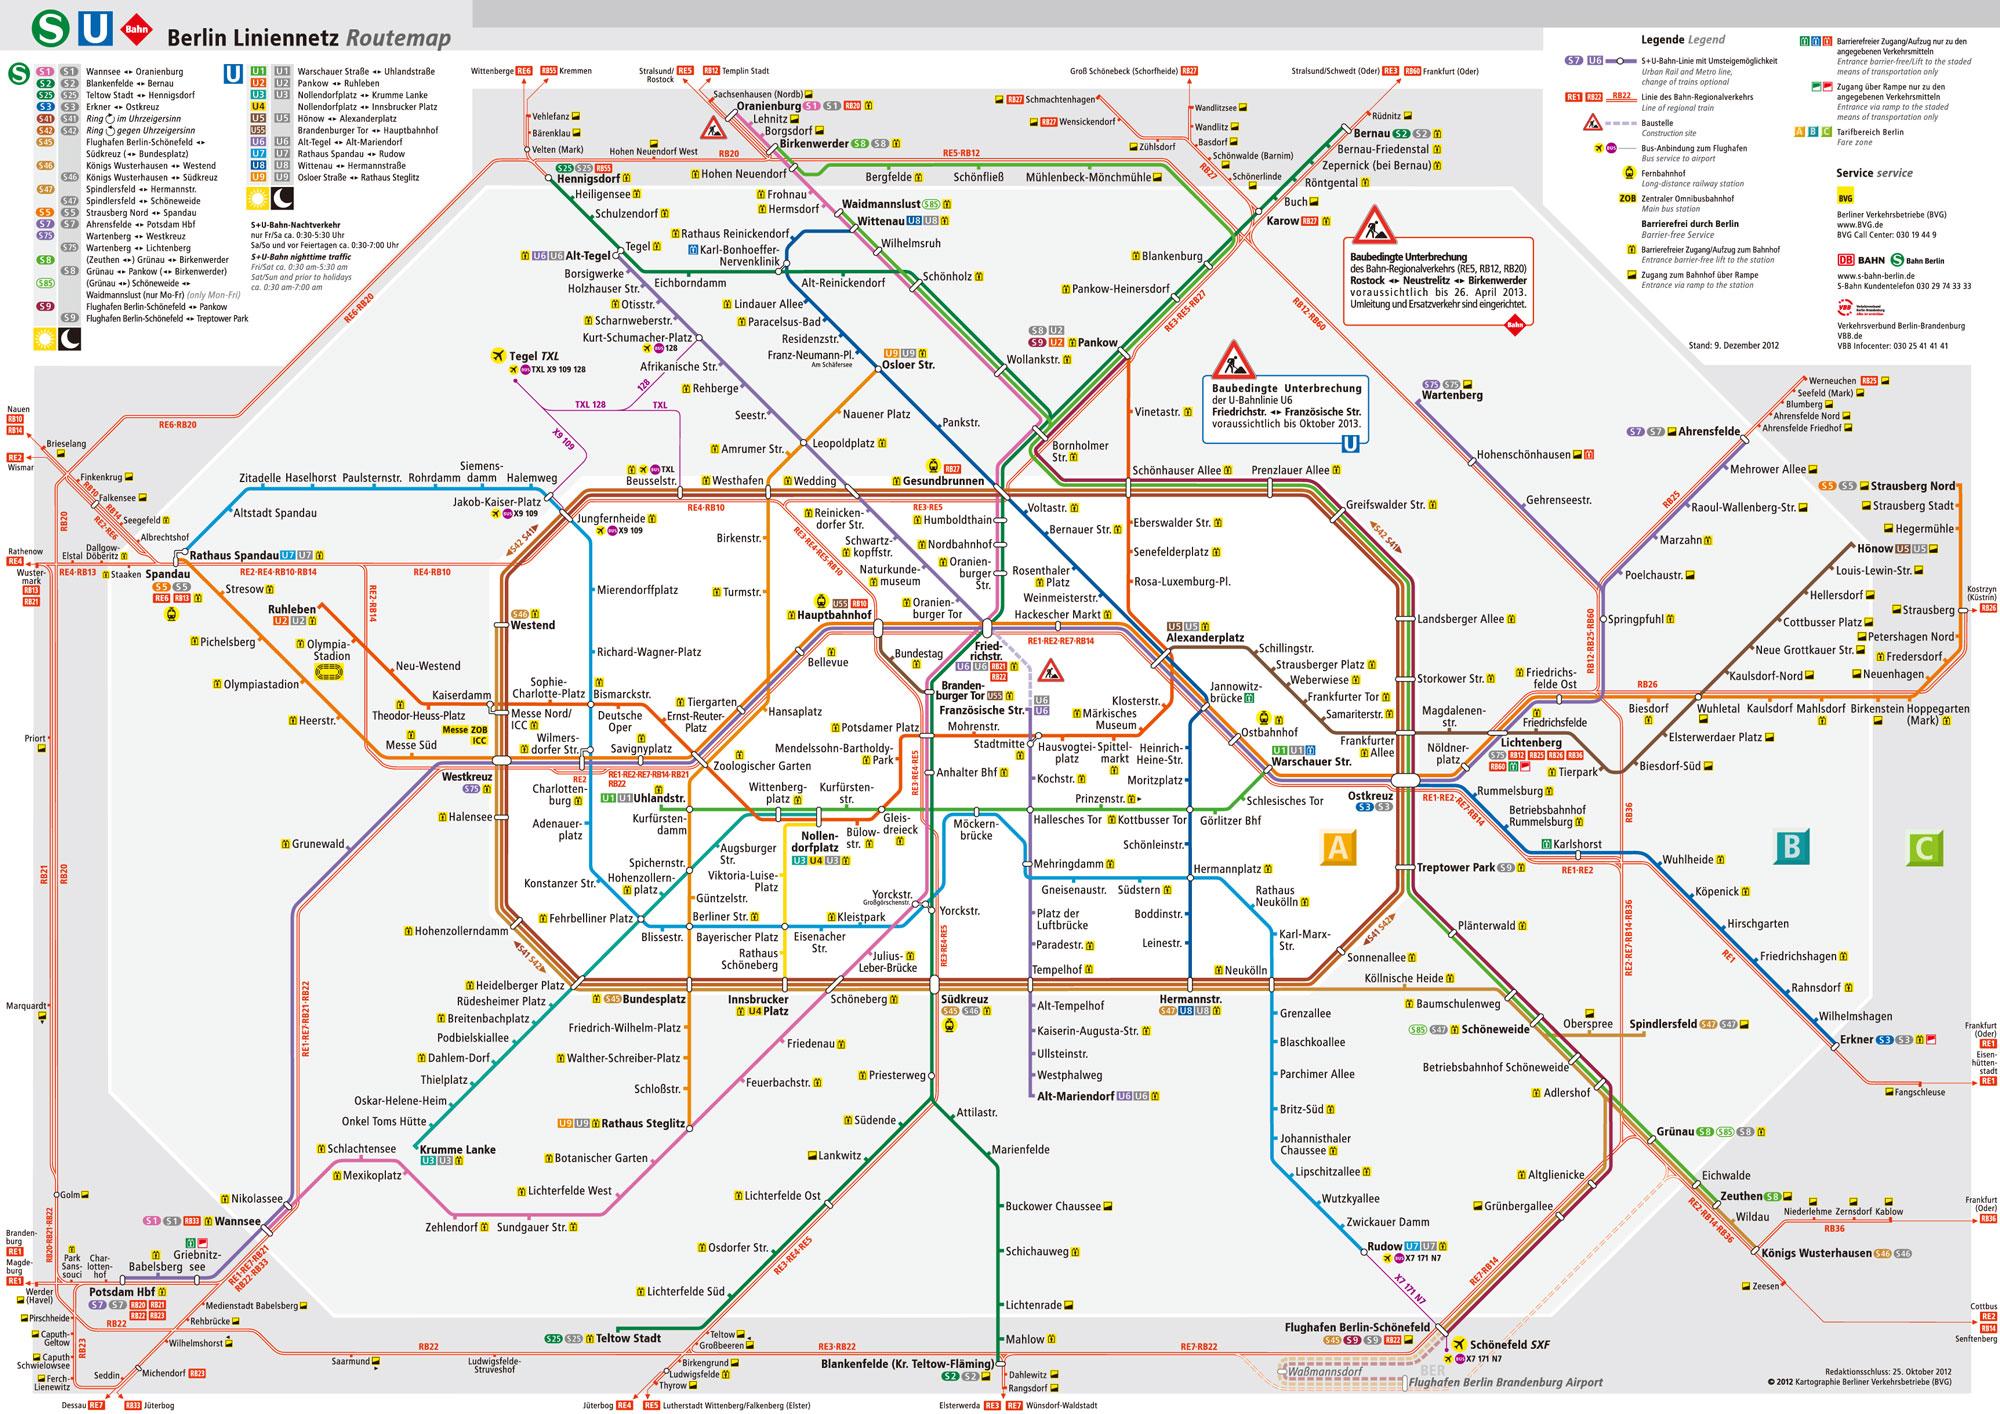 德国柏林地铁线路图 运营时间票价站点 查询下载 柏林地铁查询 柏林地铁票价 柏林地铁运营时间 柏林地铁线路图 德国地铁 柏林地铁 德国地铁线路图  第3张